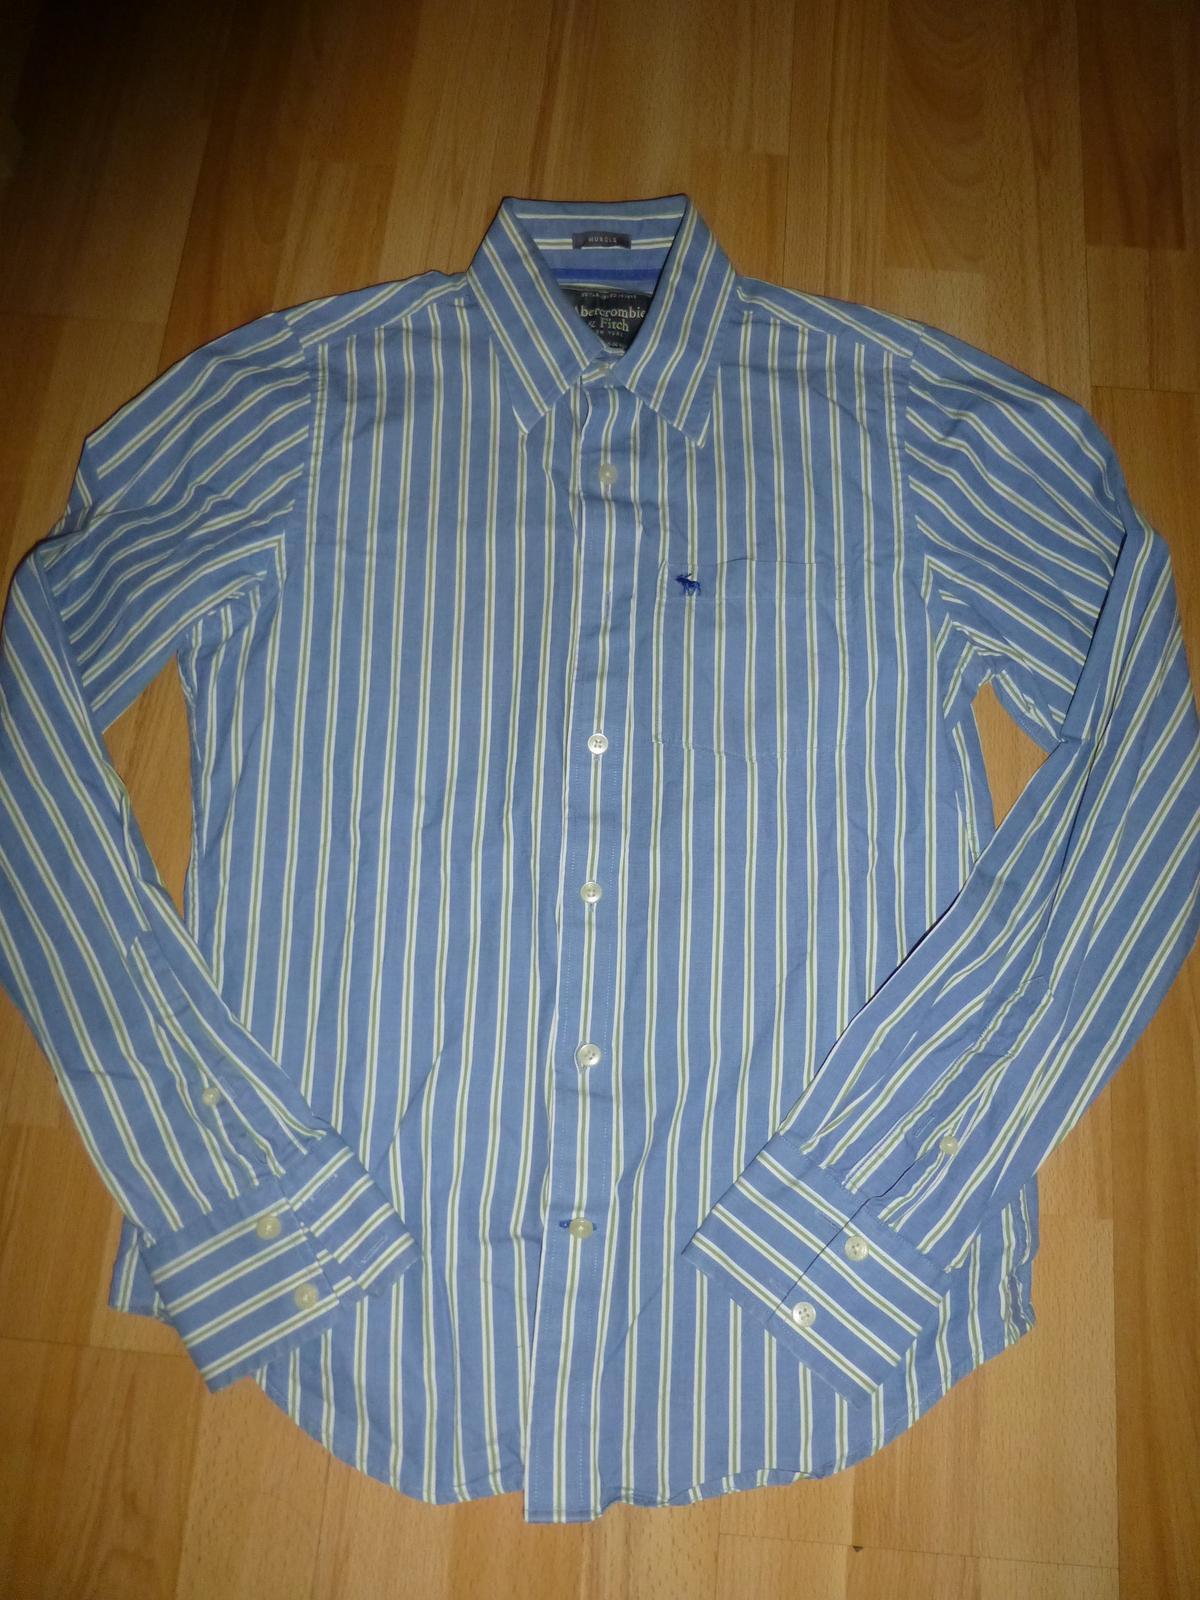 Parádní pánská košile ABERCROMBIE & FITCH - Obrázek č. 1